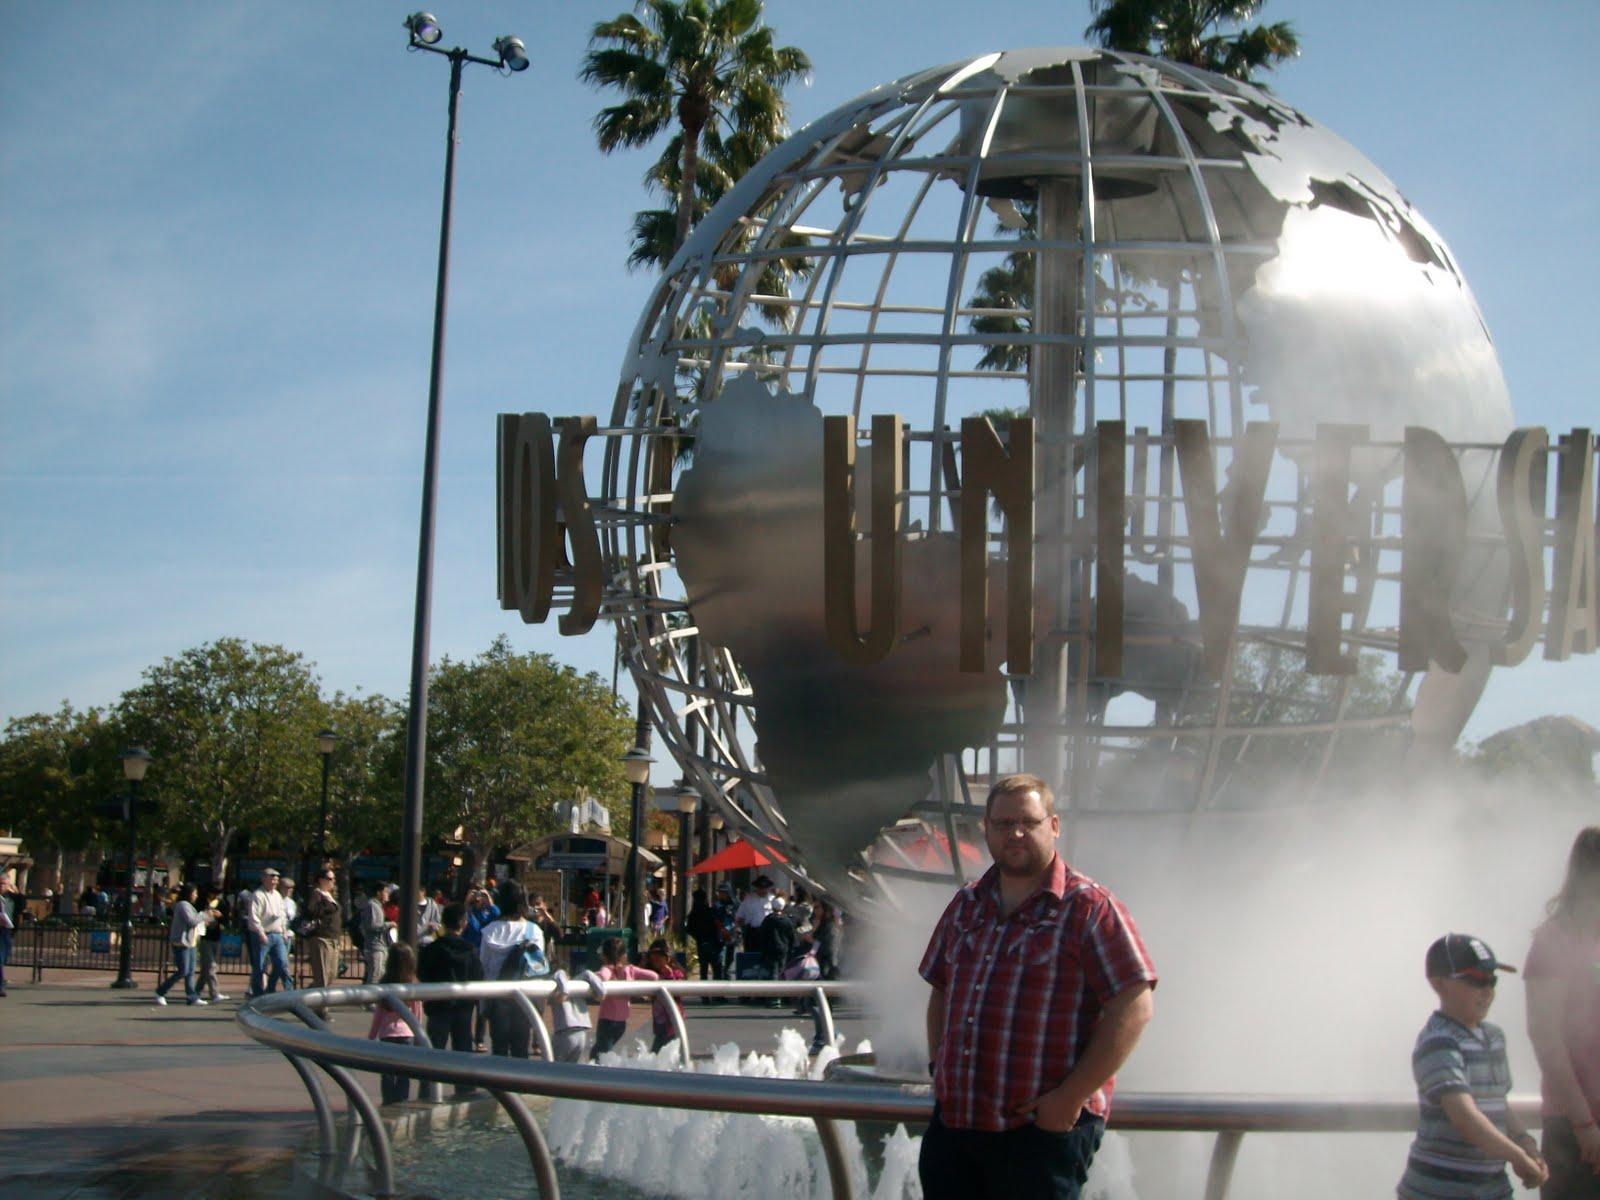 http://4.bp.blogspot.com/_efBF4ubewtg/S8wrUuaXSiI/AAAAAAAAAQE/zRtWwF-CH50/s1600/2010,+004+-+Los+Angeles+-+Universal+Studios+-+Me.JPG